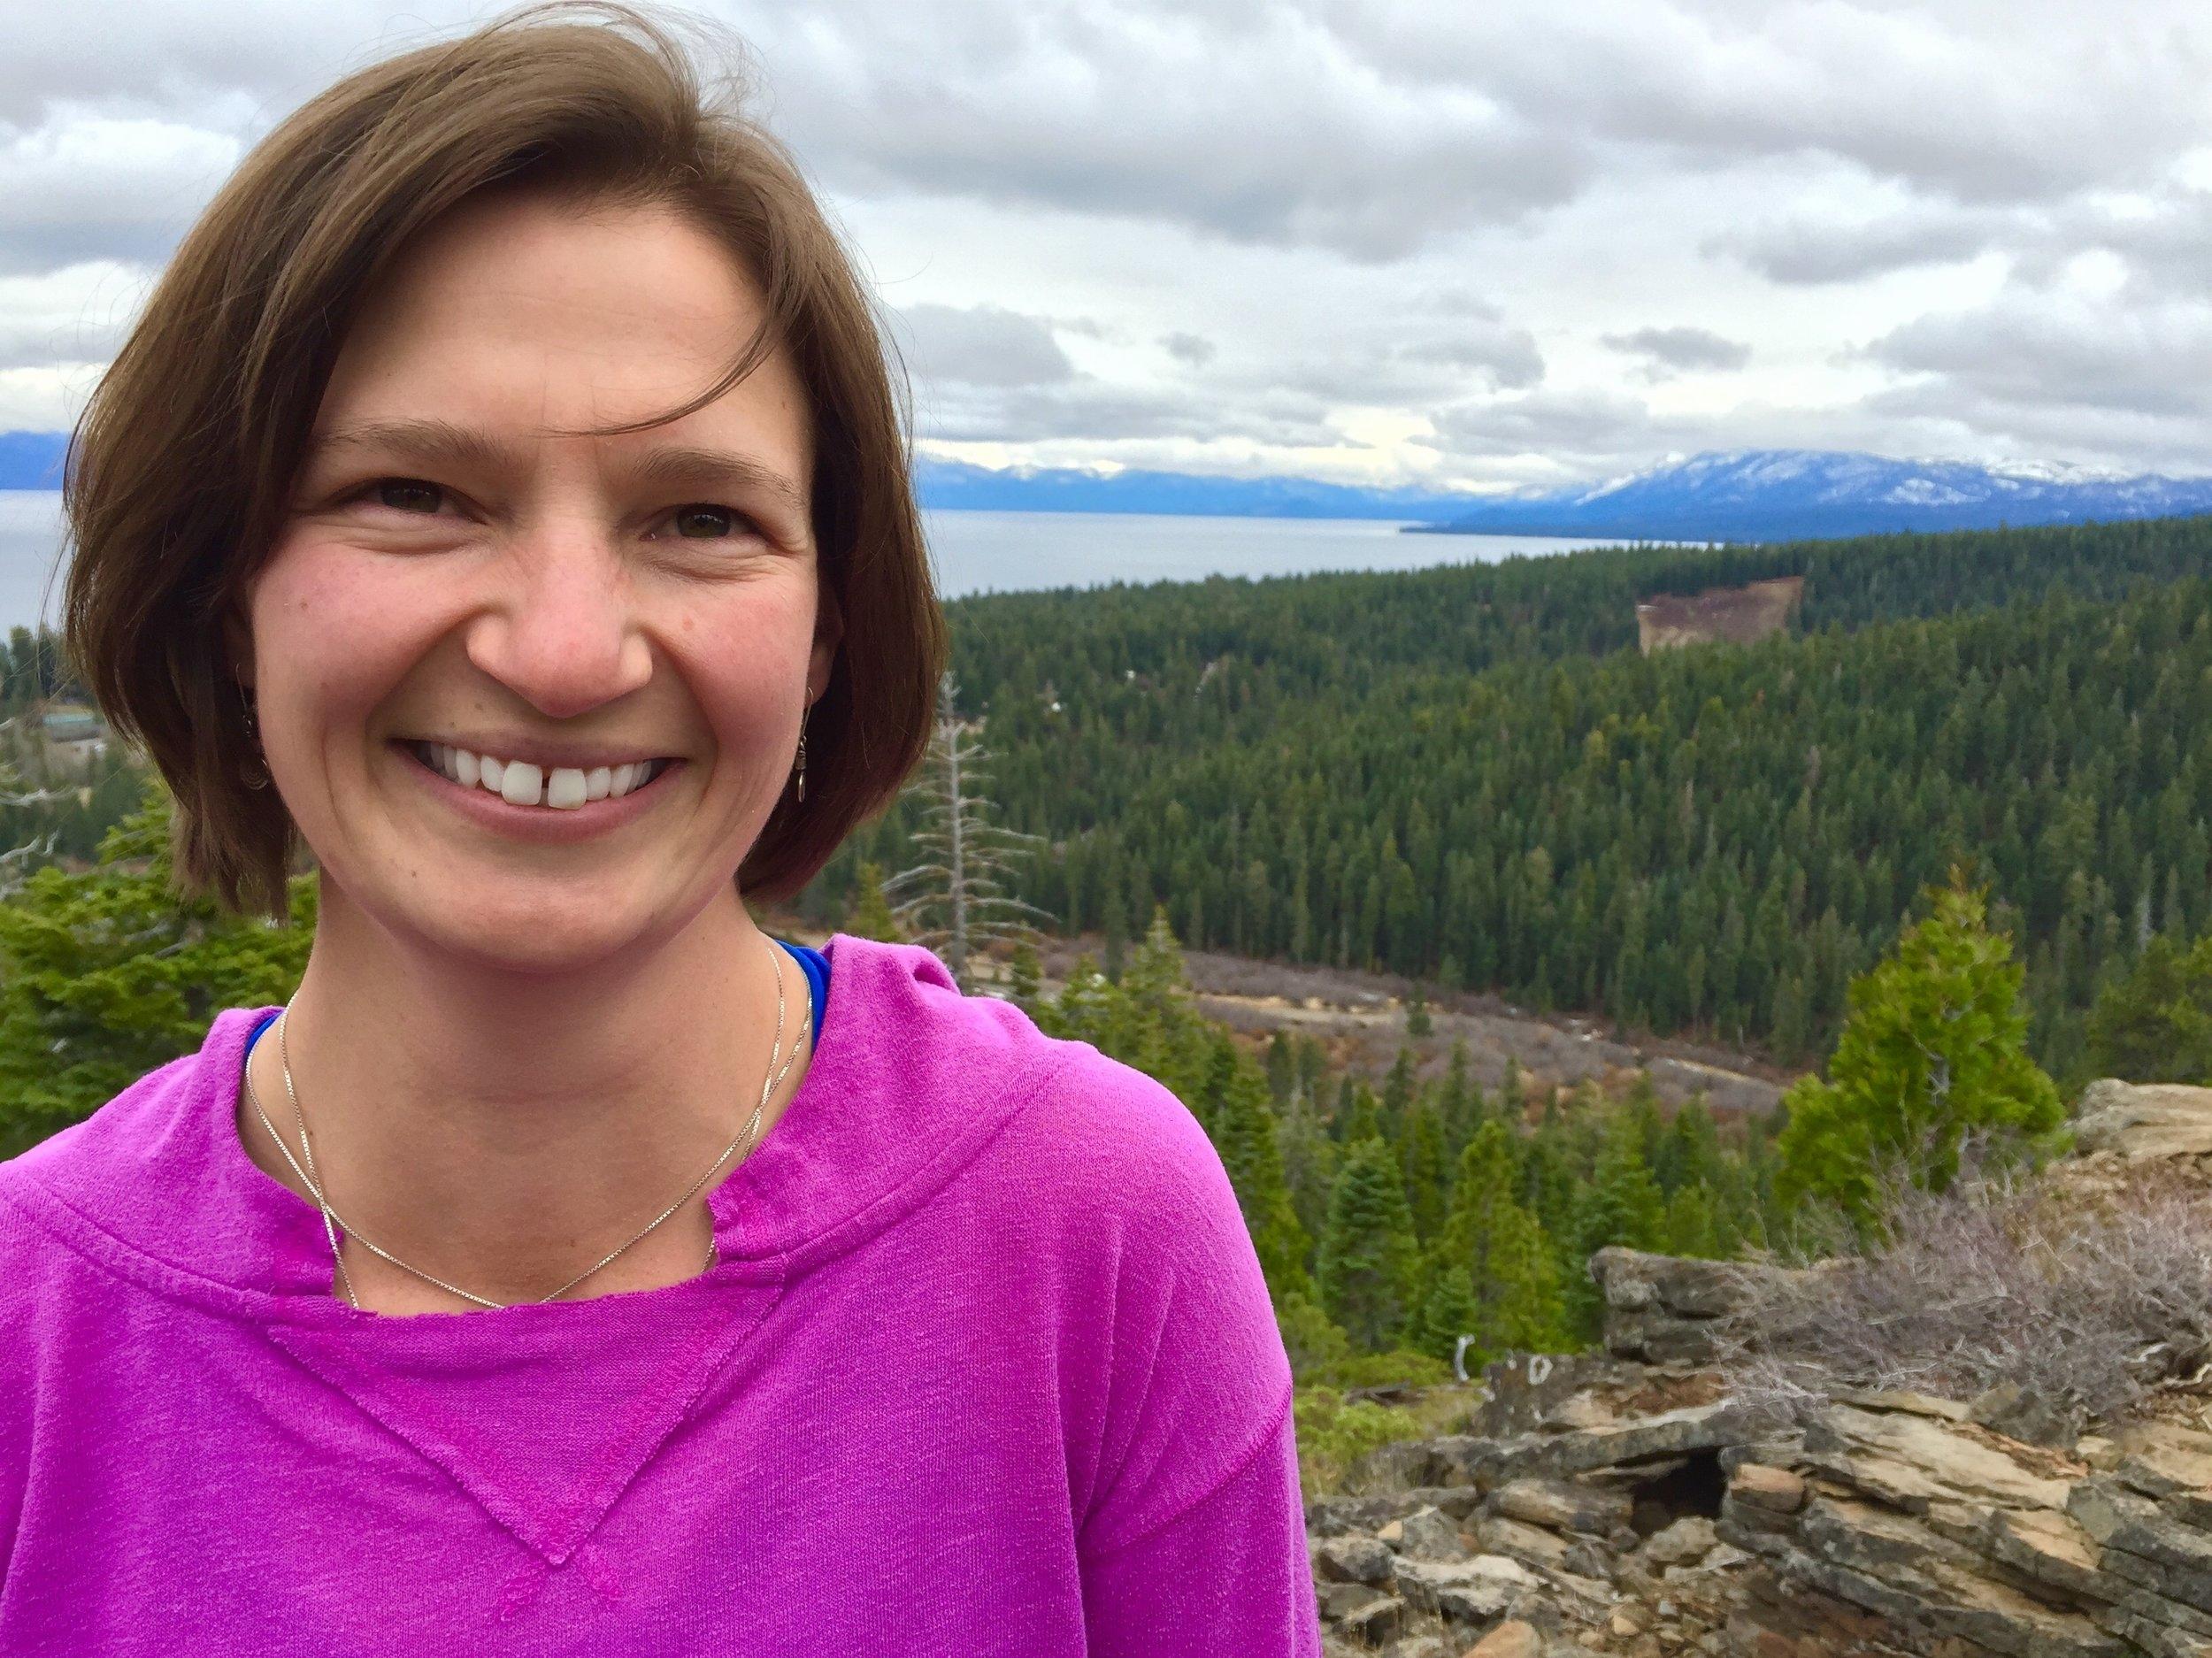 Meghan-Robins-author-writer-Tahoe.jpg